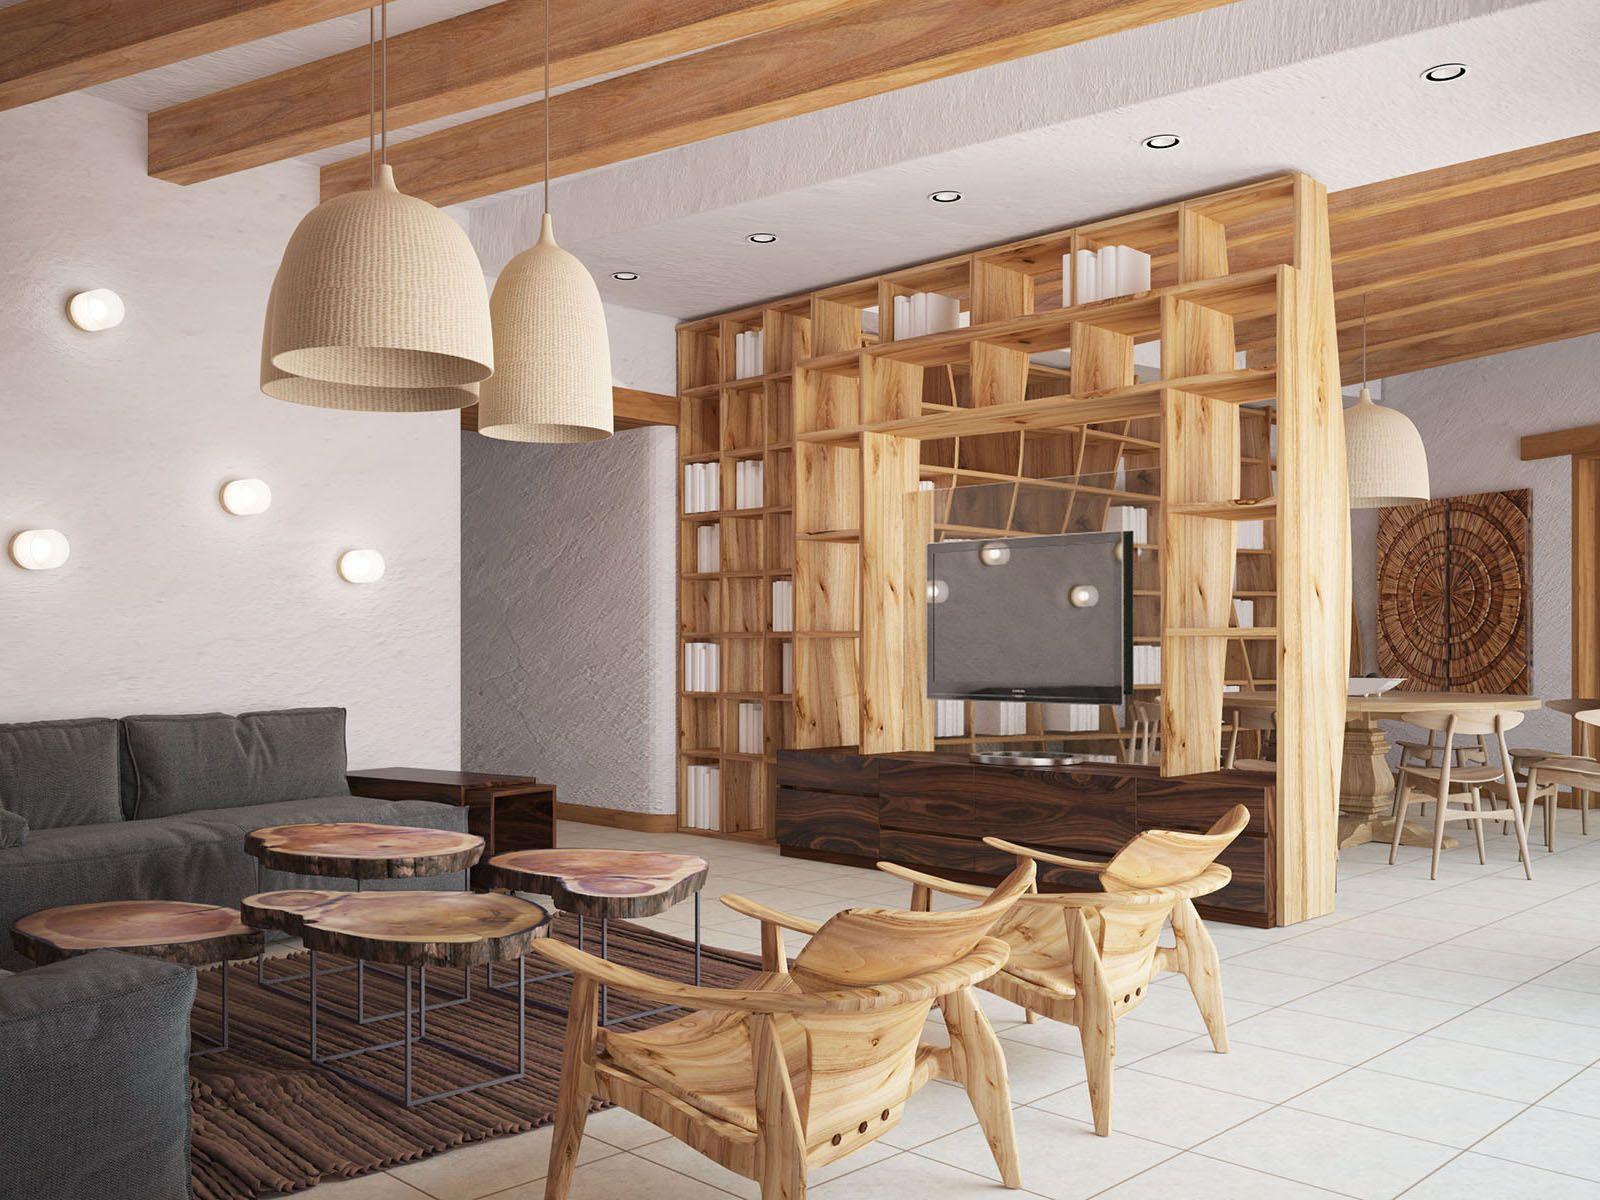 Mexican House Interior Design Tt Studiott Studio_interior Design